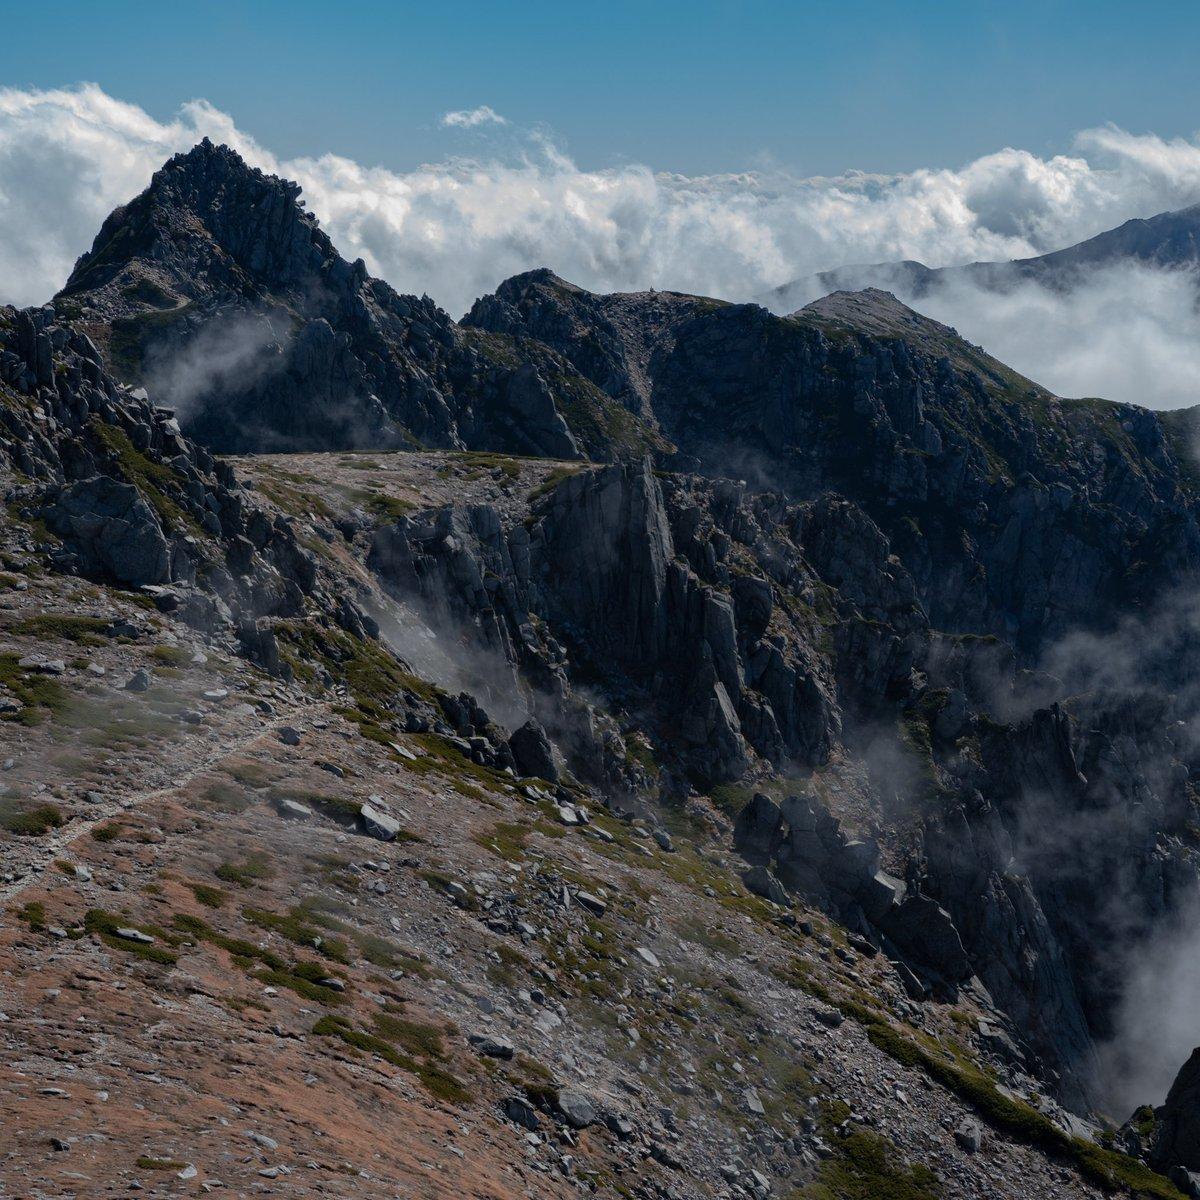 やっぱり1:1すごい好き そして山は本当にいい #PENTAX #風景写真 #山岳風景 https://t.co/iXUpRWFJF0